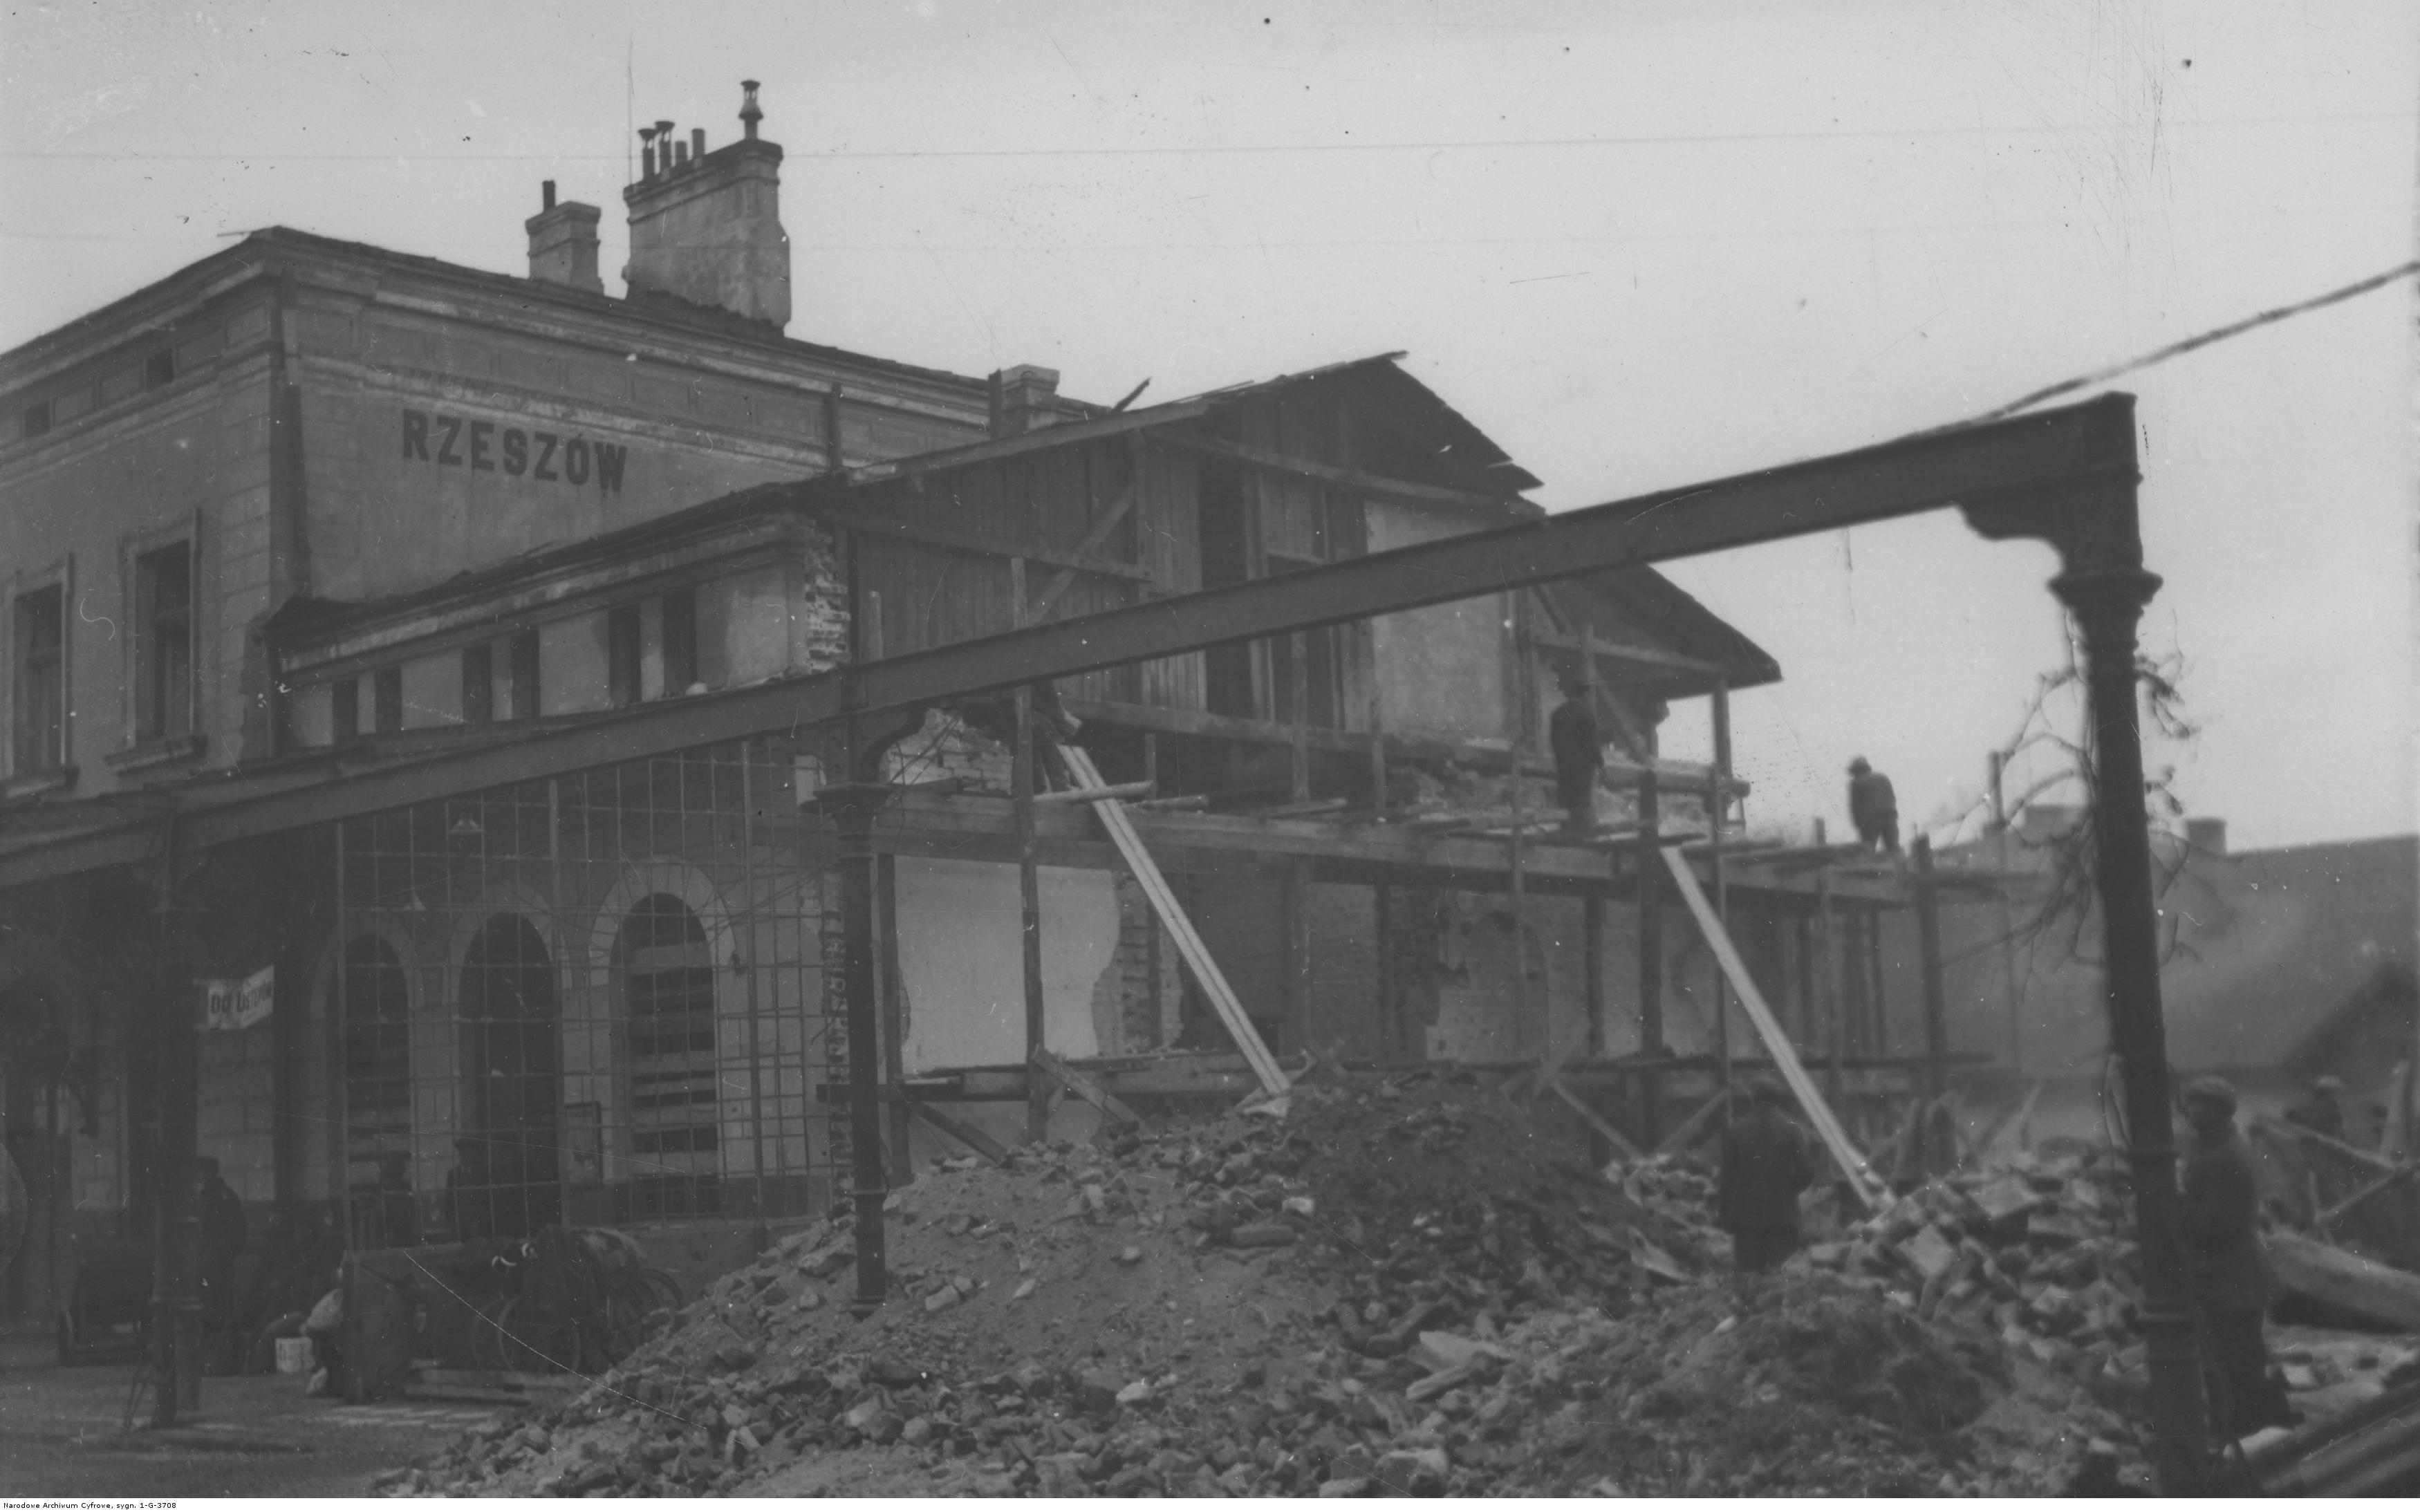 Dworzec Kolejowy w Rzeszowie. Budynek dworca częściowo zniszczony podczas pierwszej wojny światowej, rok 1914-1918